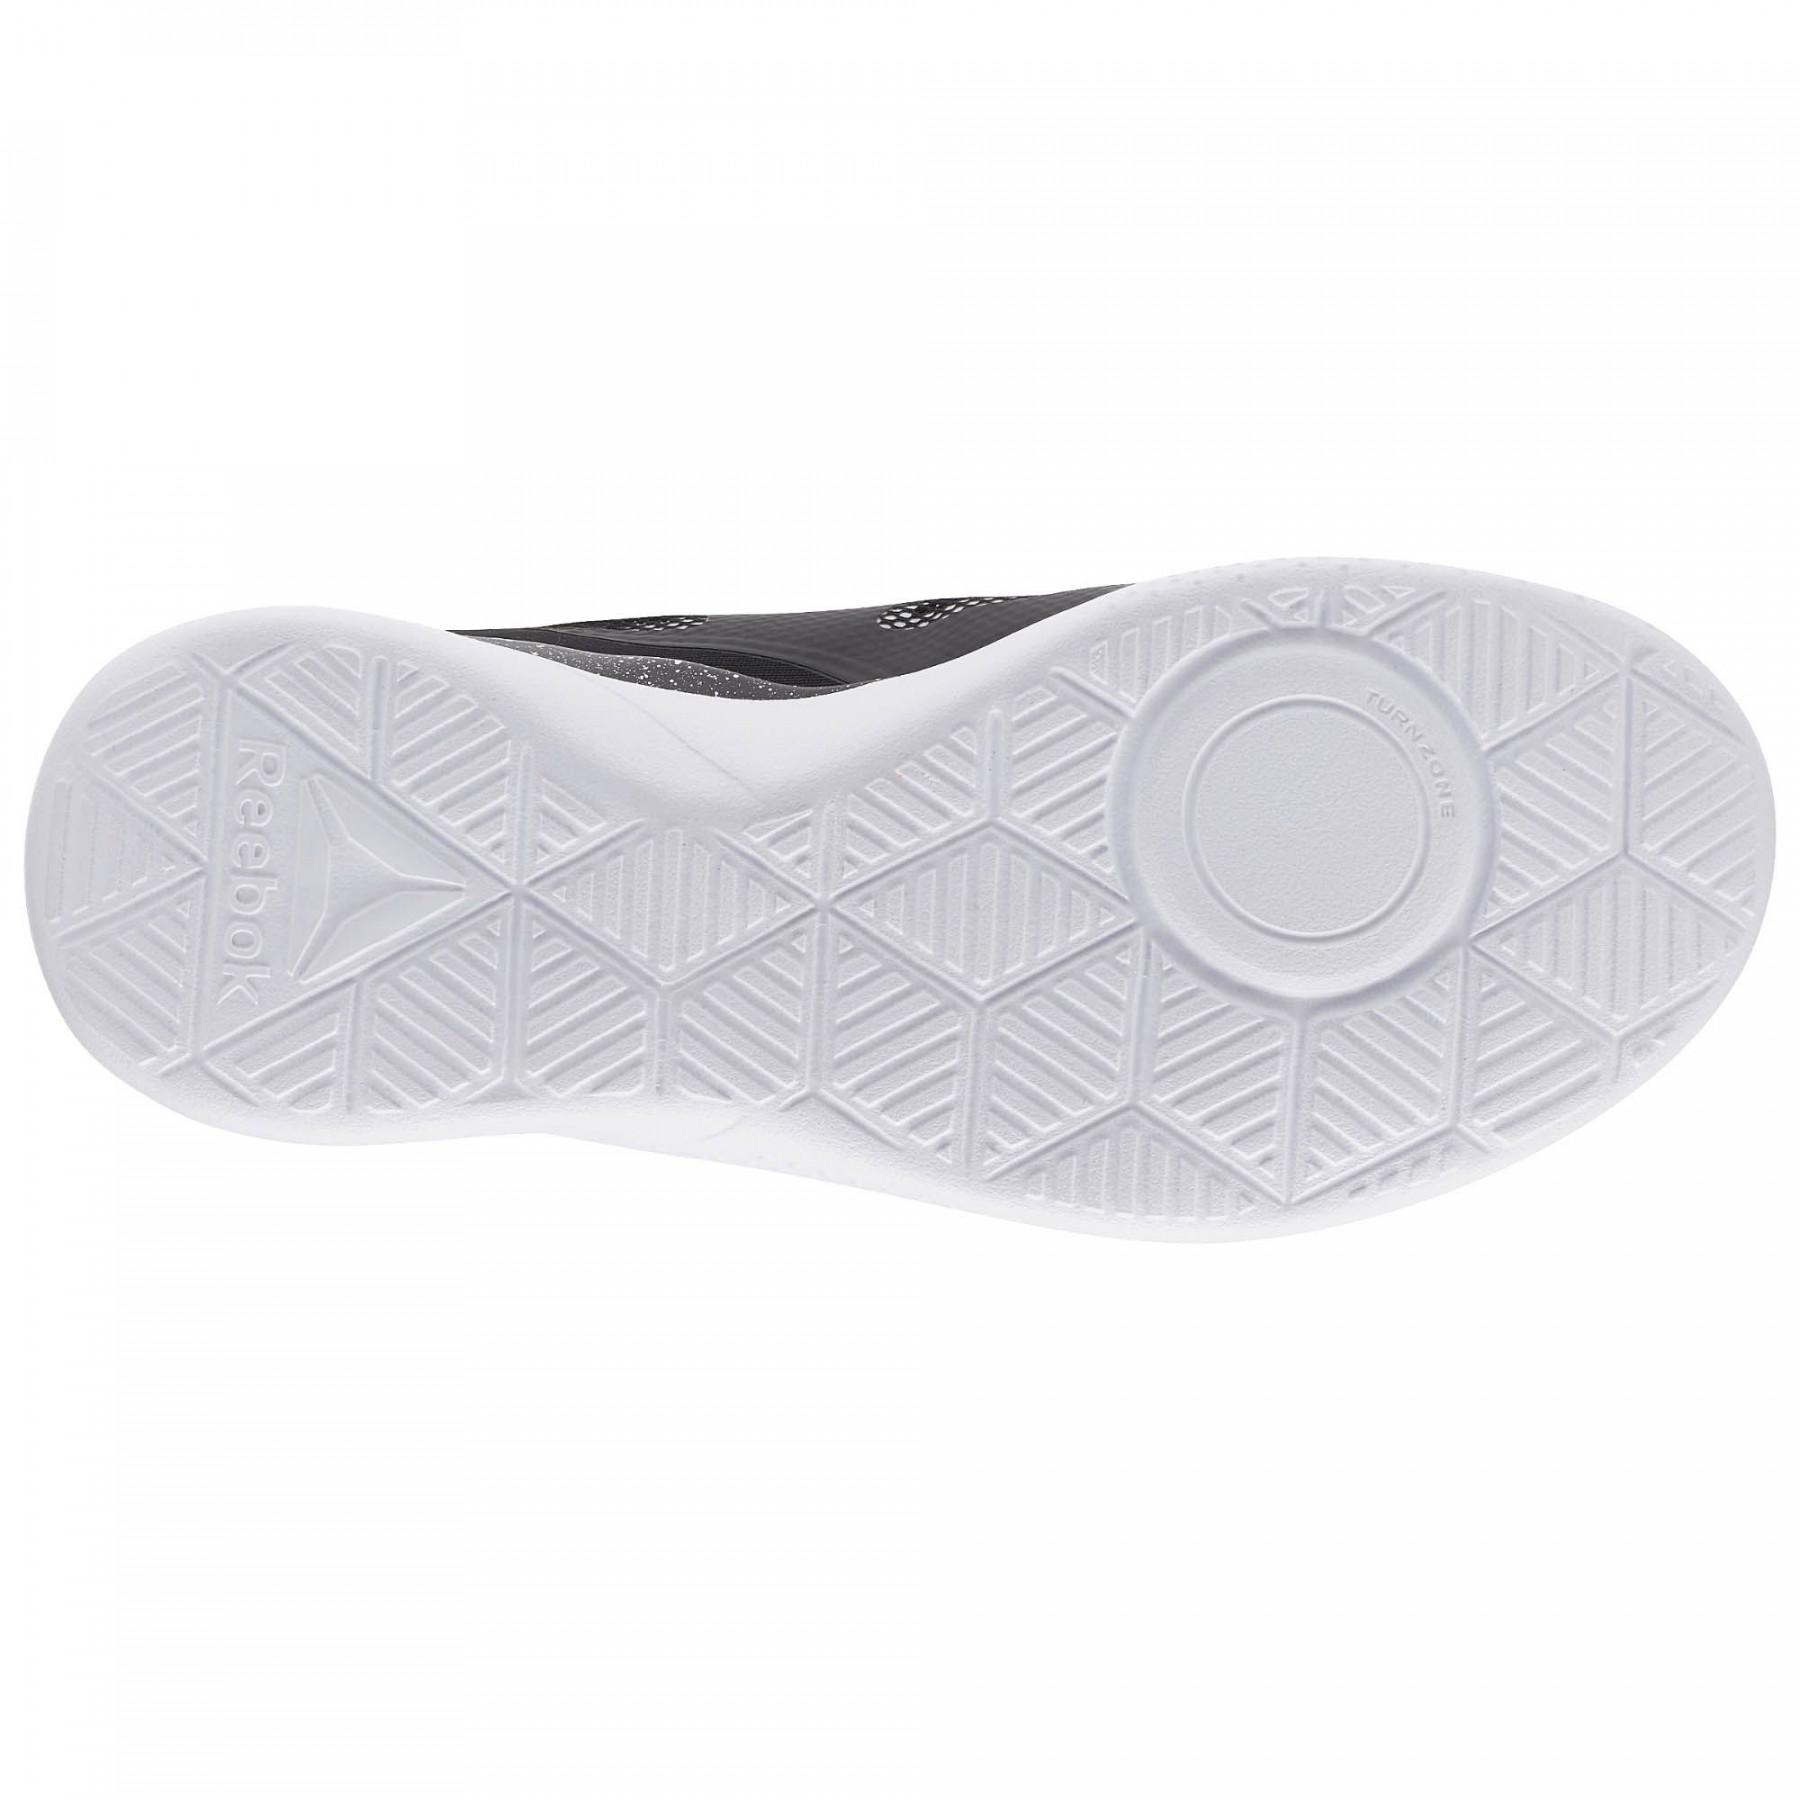 be30b8b2141e06 Inspire 3.0 Ltd Chaussure Femme REEBOK NOIR pas cher - Chaussures de ...